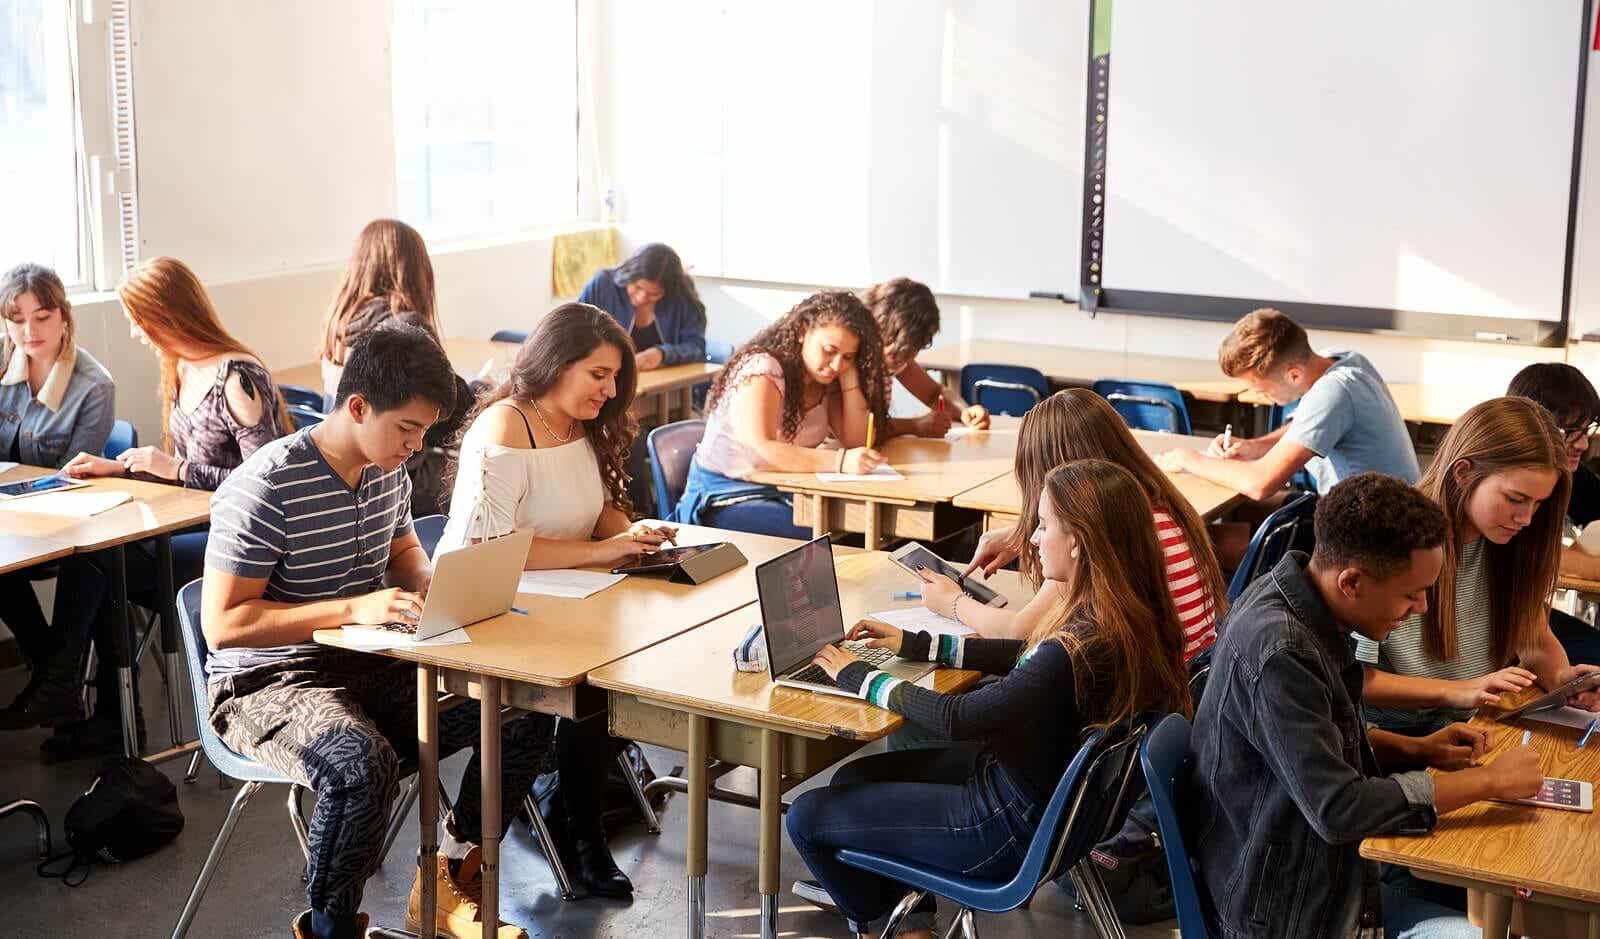 Leerlingen in de klas werken in groepen volgens VARK-leerstijlen.